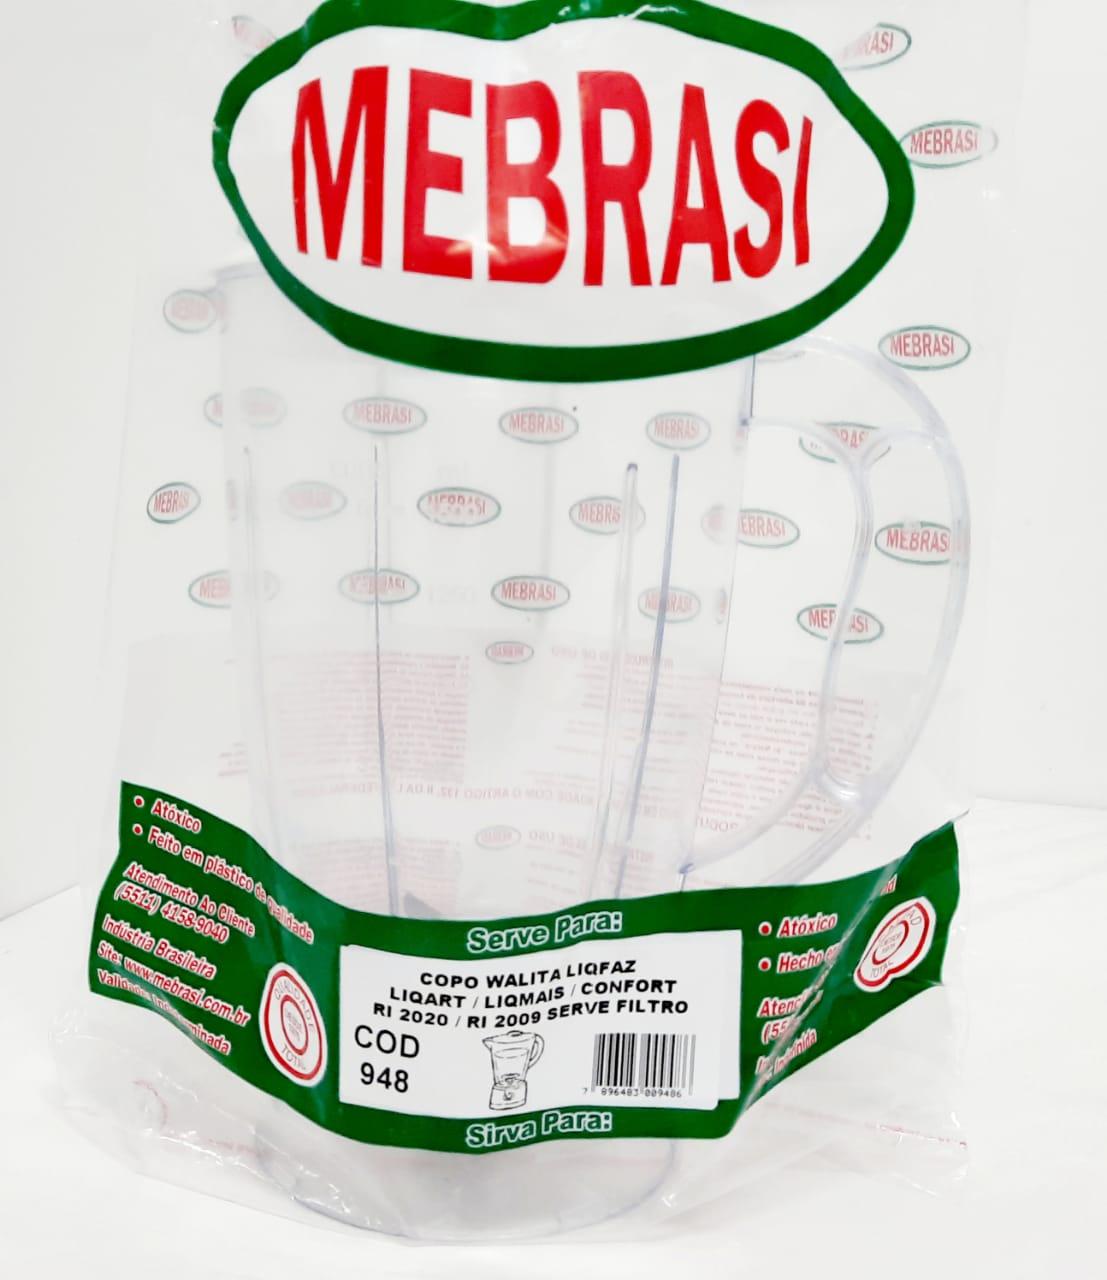 Copo WAL CRS LIQF - Mebrasi